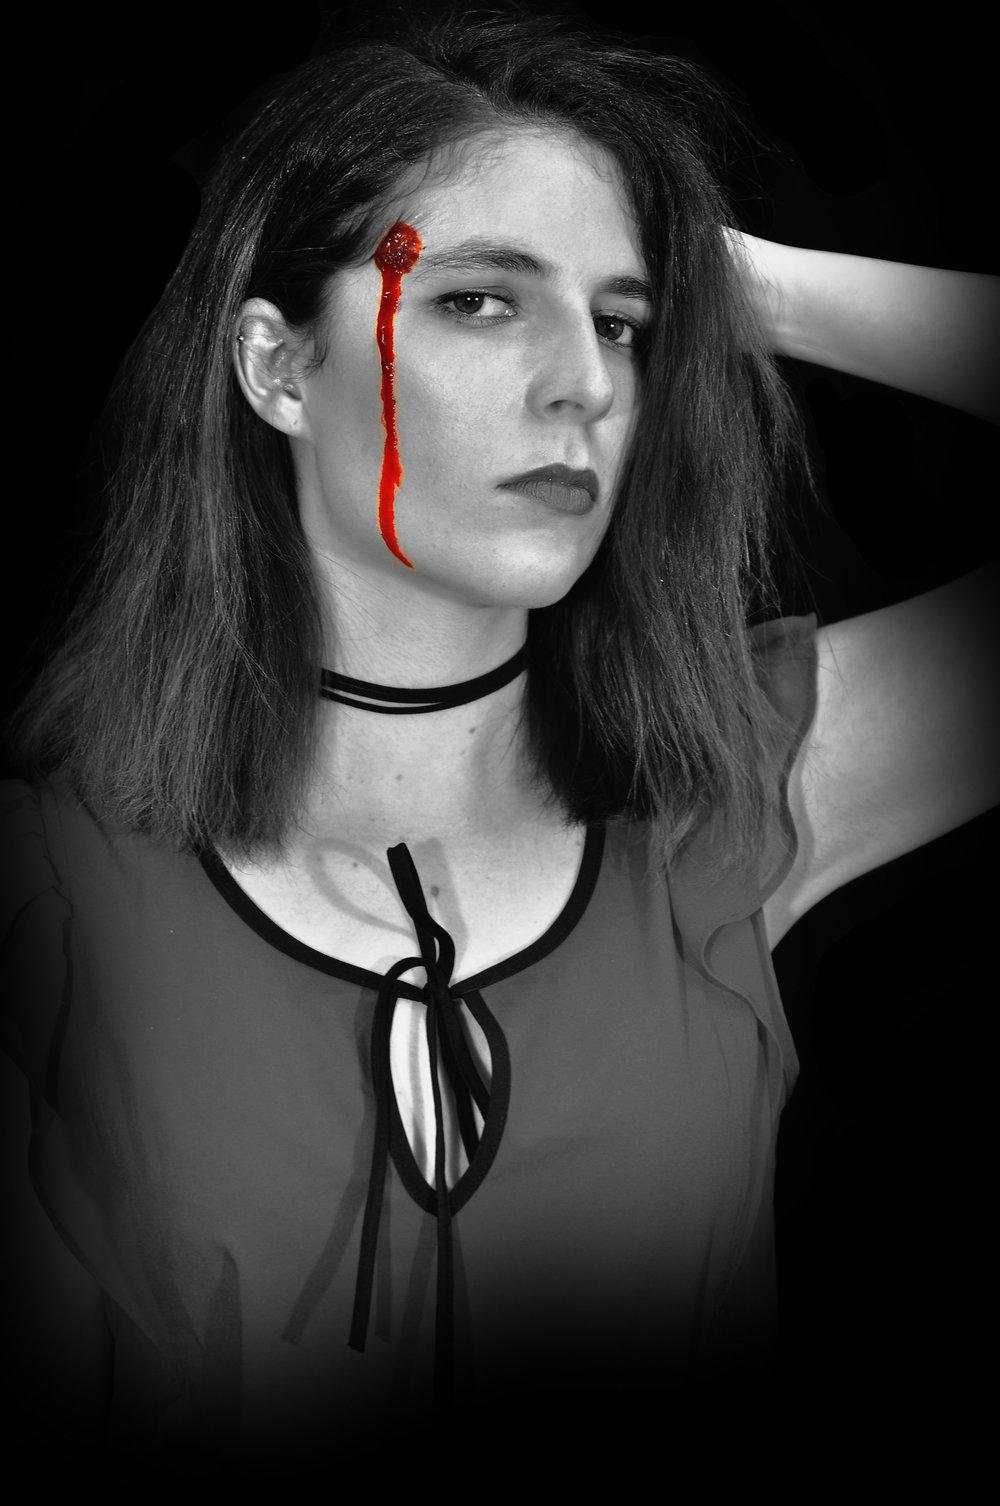 Copy of Gabriella Merritt - October 30